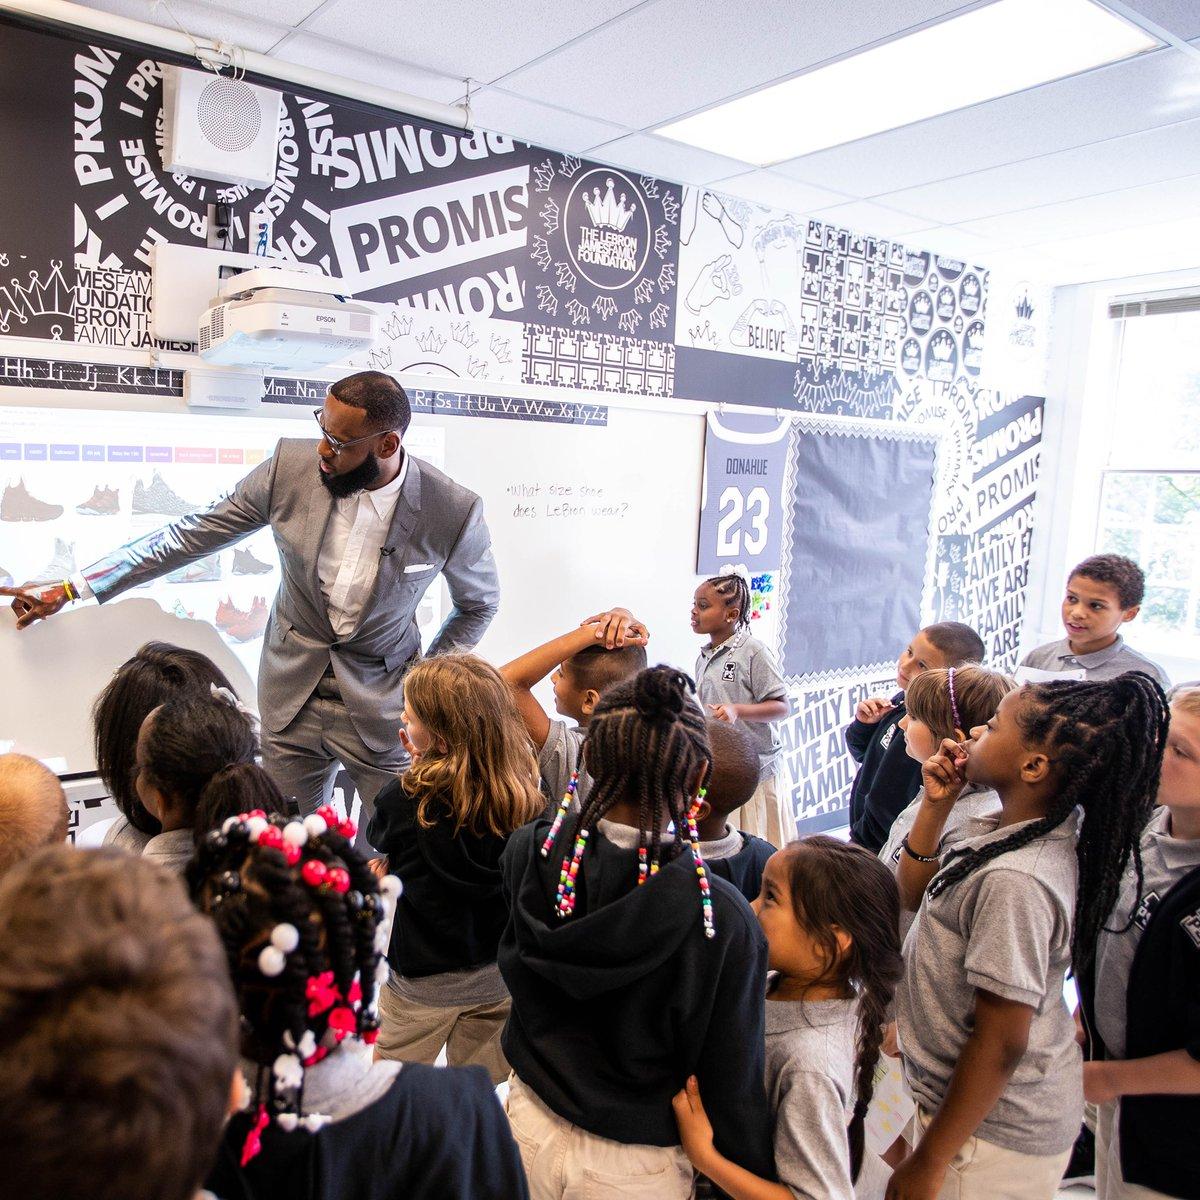 奥巴马夫人称赞詹姆斯捐赠学校的善举,后者回应致谢